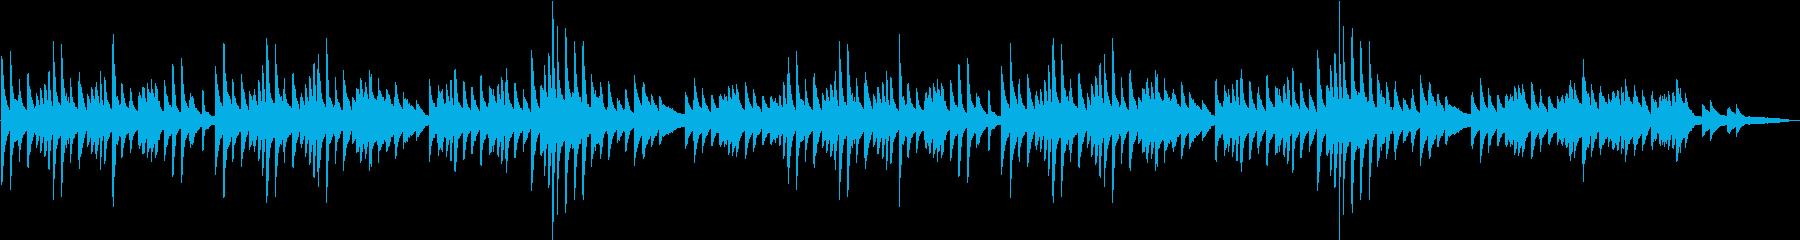 ゆったり3拍子フワフワ浮遊感ピアノBGMの再生済みの波形